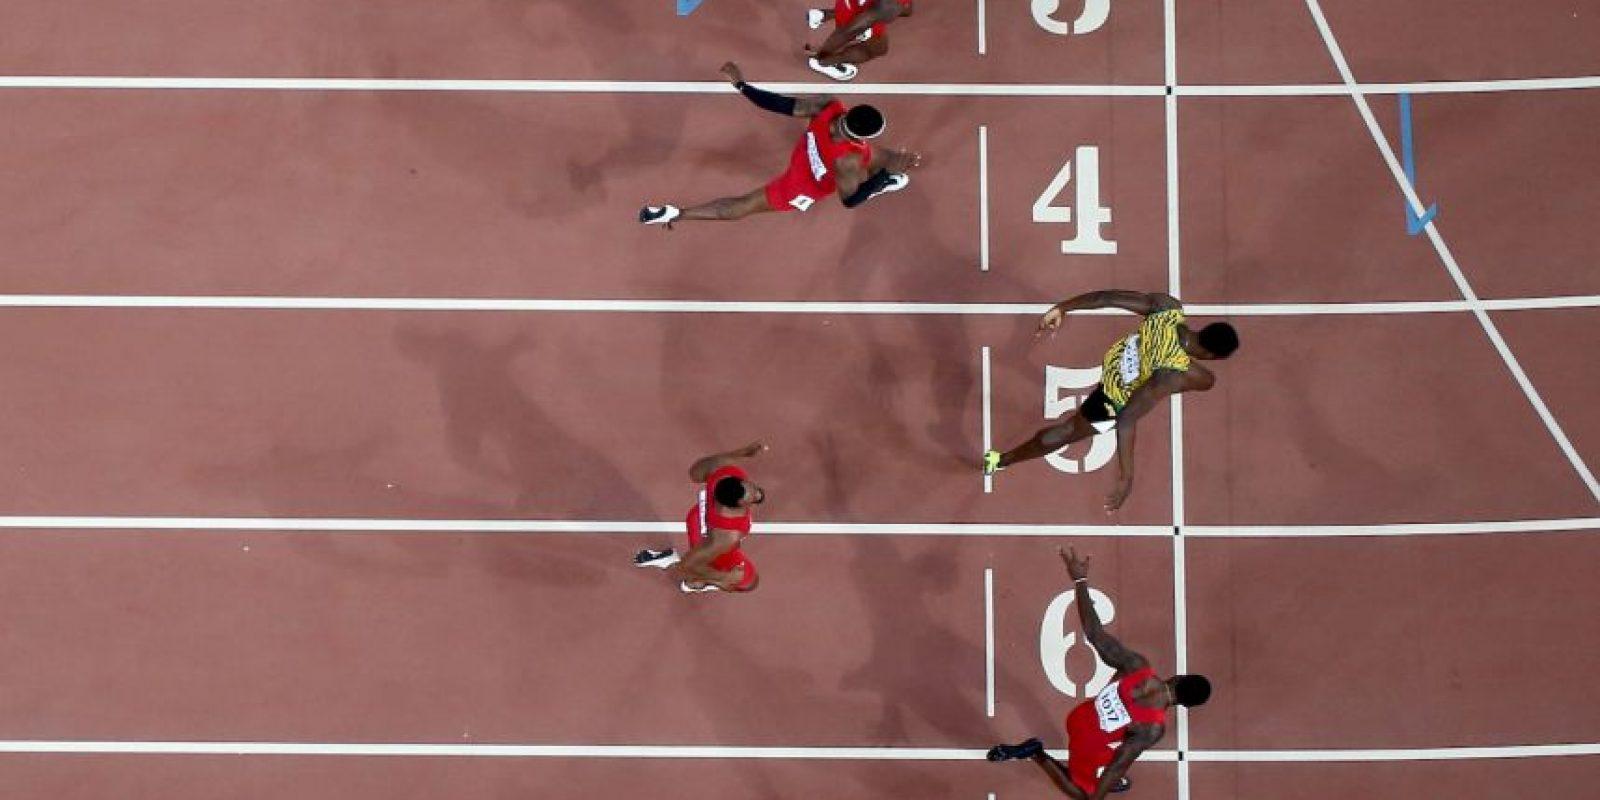 El velocista jamaiquino derrotó a Justin Gatlin en la final de los 100 metros planos del Mundial de Atletismo en Pekín, China. Foto:Getty Images